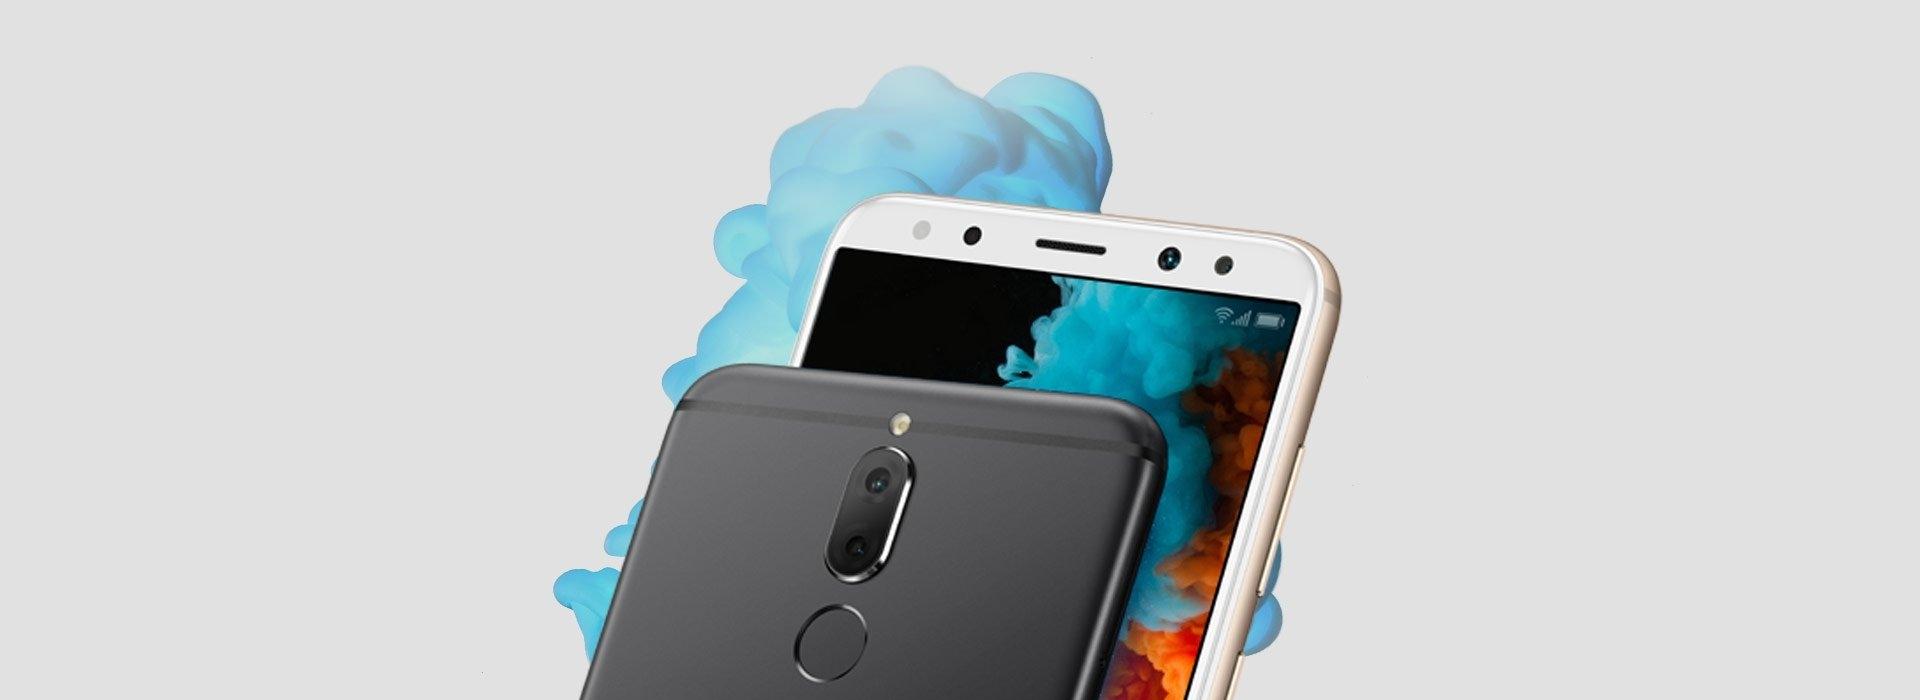 Huawei v tichosti odtajnil model Nova 2i